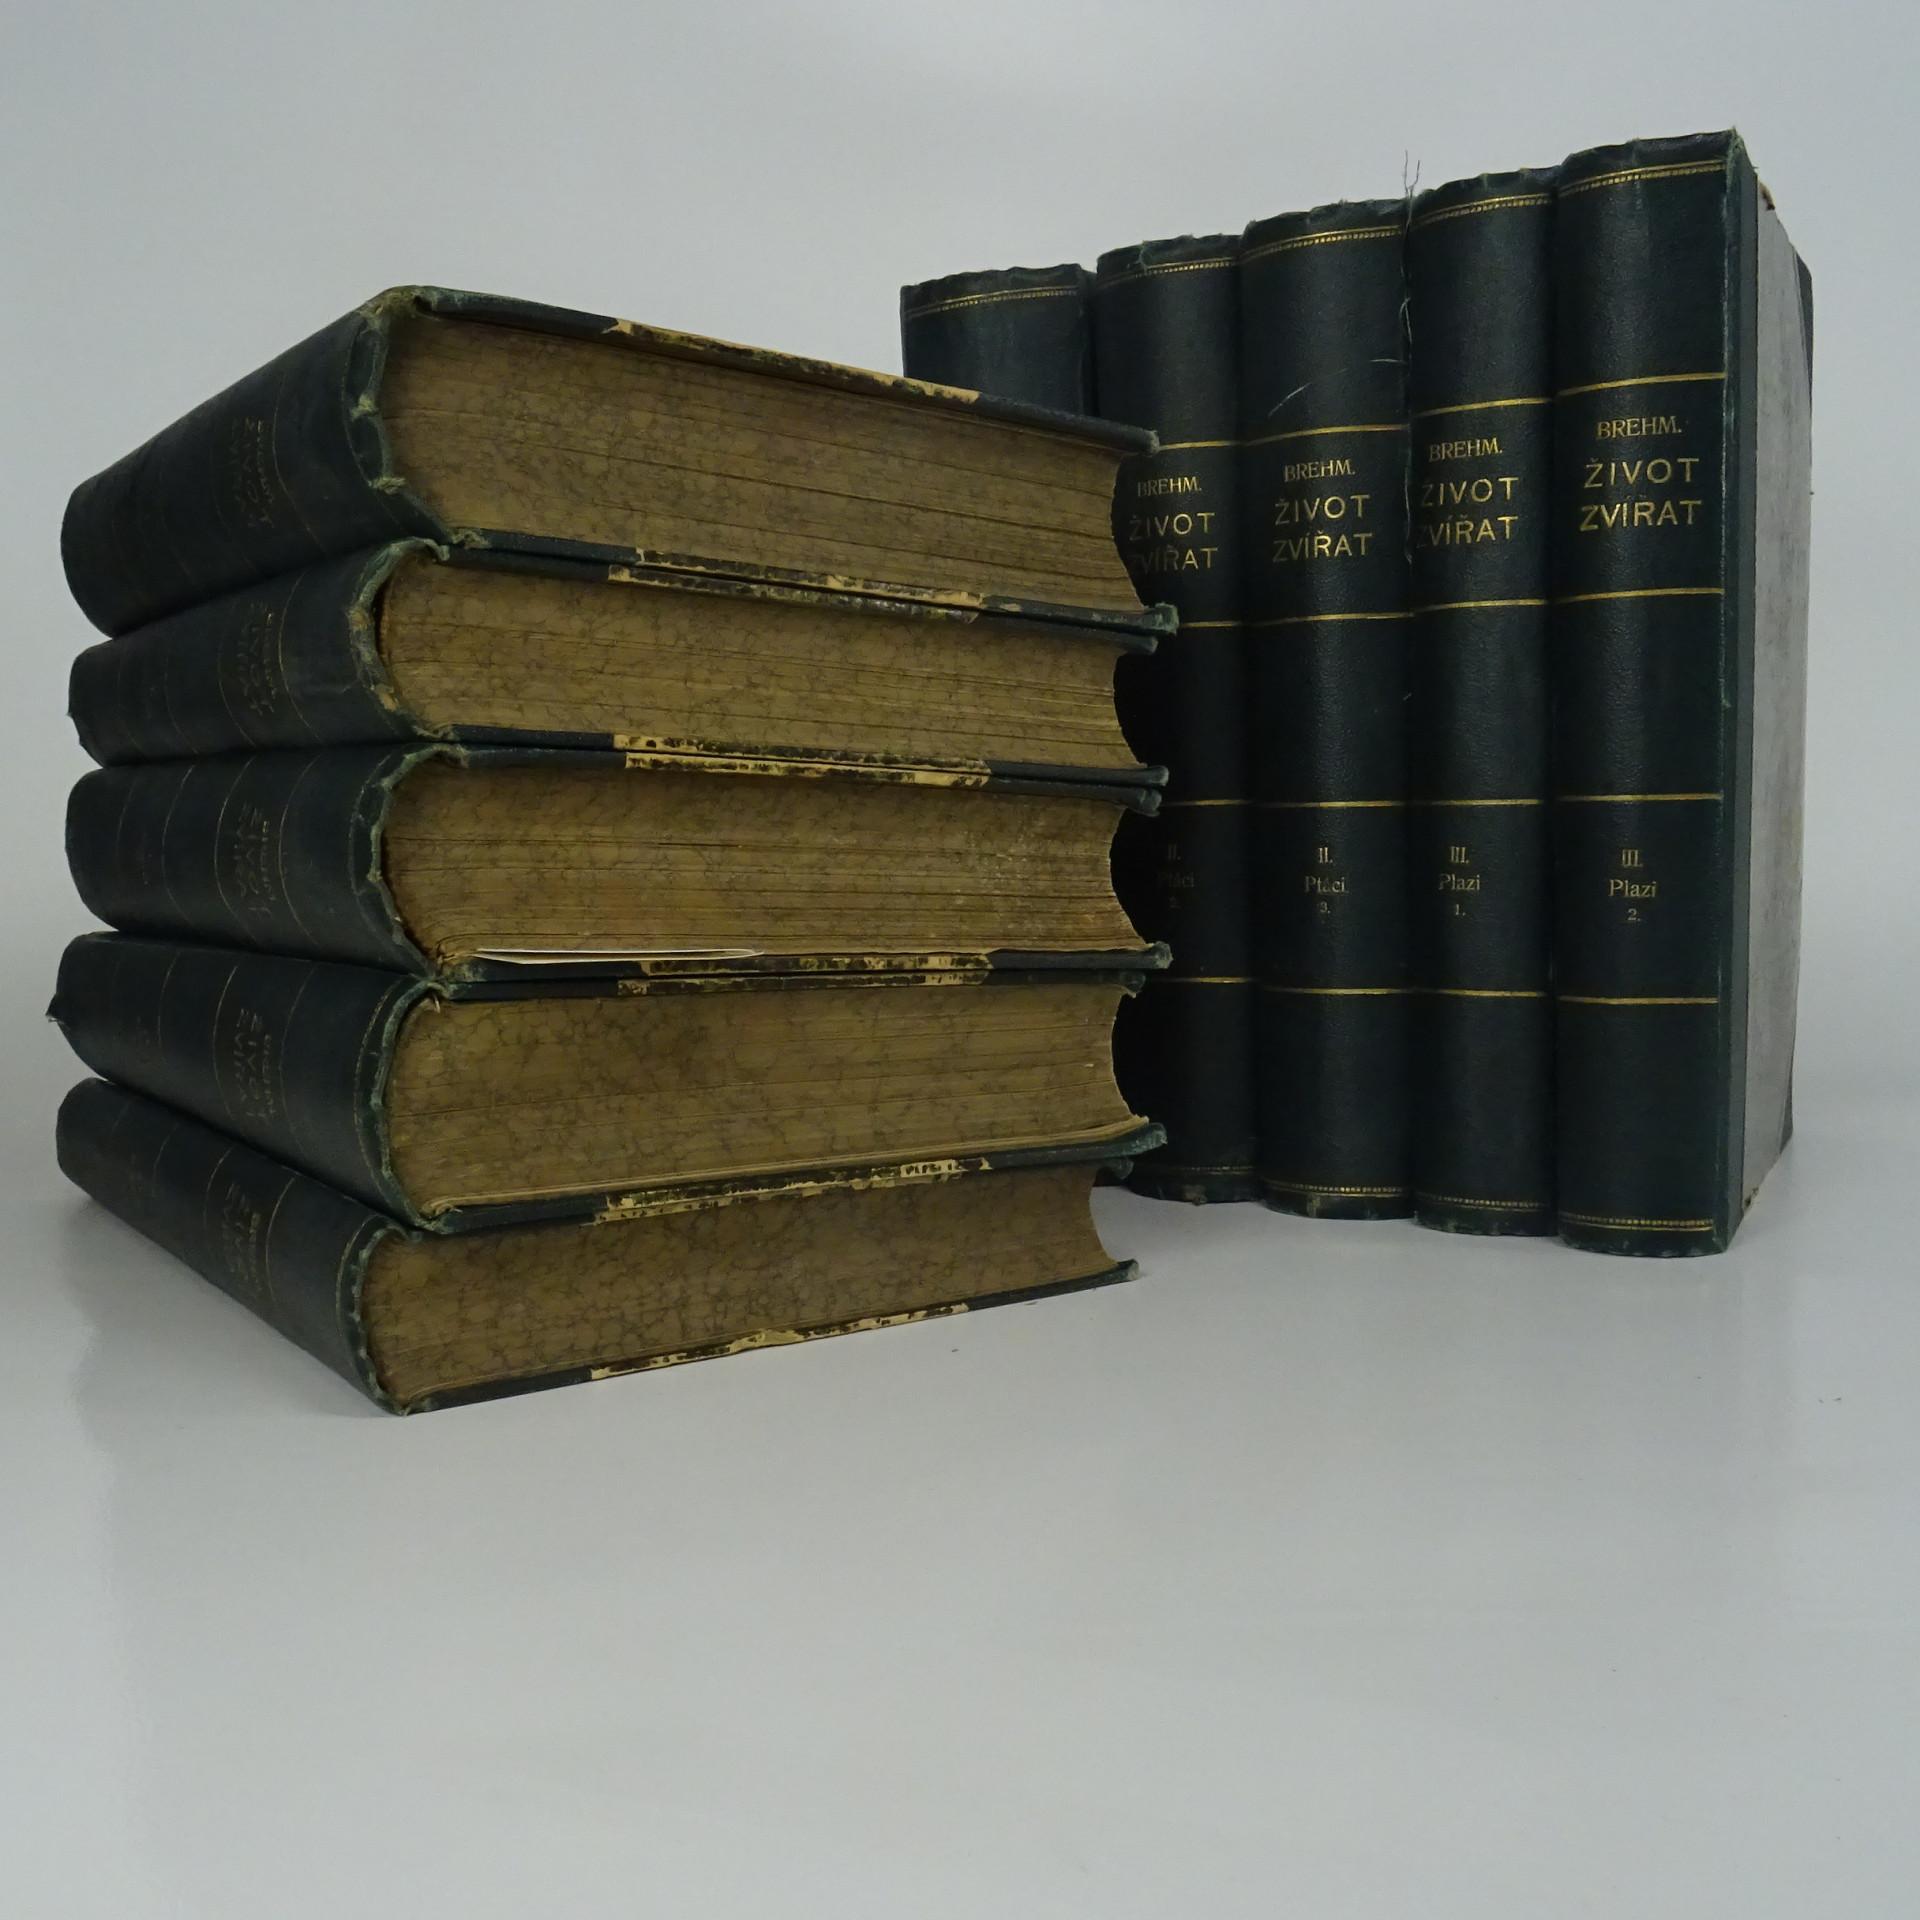 antikvární kniha Brehmův Život zvířat. Díl I. - Savci (Svazek I-III.). Díl II. - Ptáci (Svazek I - III). Díl III. - Plazi (Svazek I-II.). Díl IV. (Svazek I - Hmyz, Svazek II. - Korýši.)). (10 svazků), neuveden